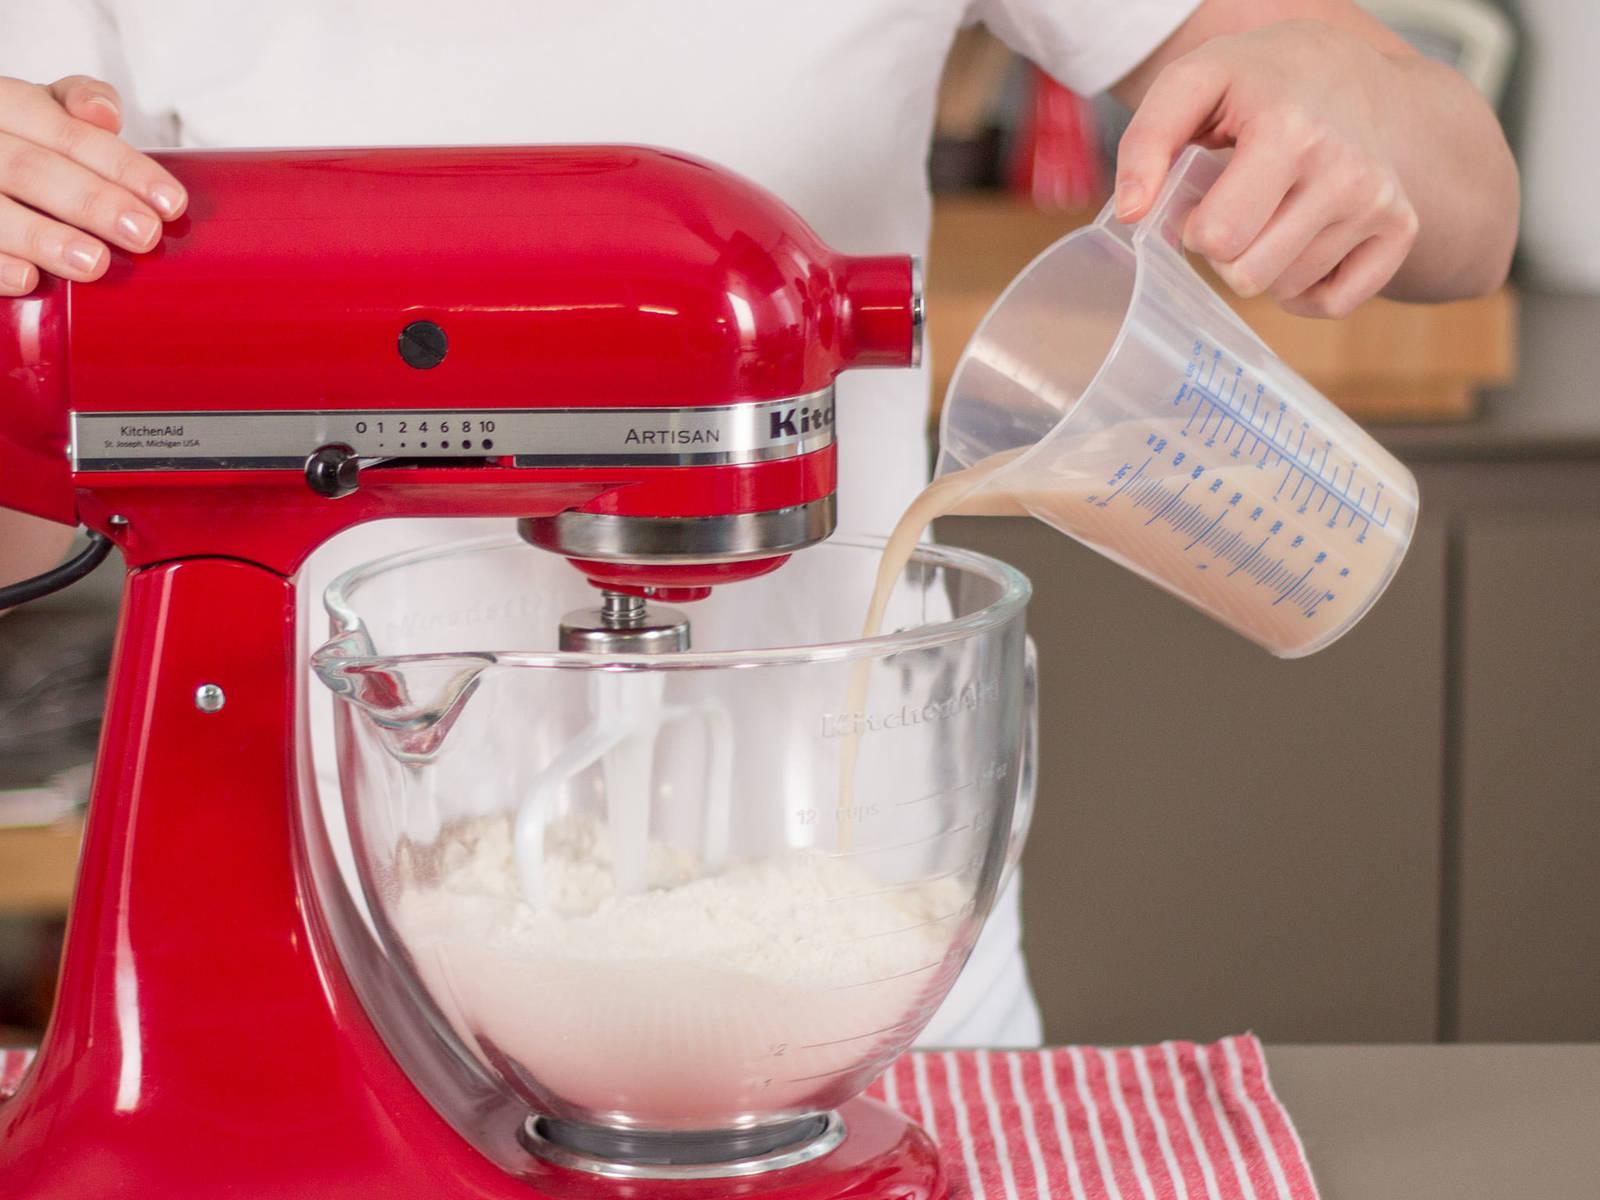 将酵母和部分糖放入微温的水中混合,之后将该混合物和面粉一起放入搅拌机。搅拌至其成为顺滑的面团。将面团放置在温暖的房间,加盖静置15-20分钟,让它发酵至两倍大。